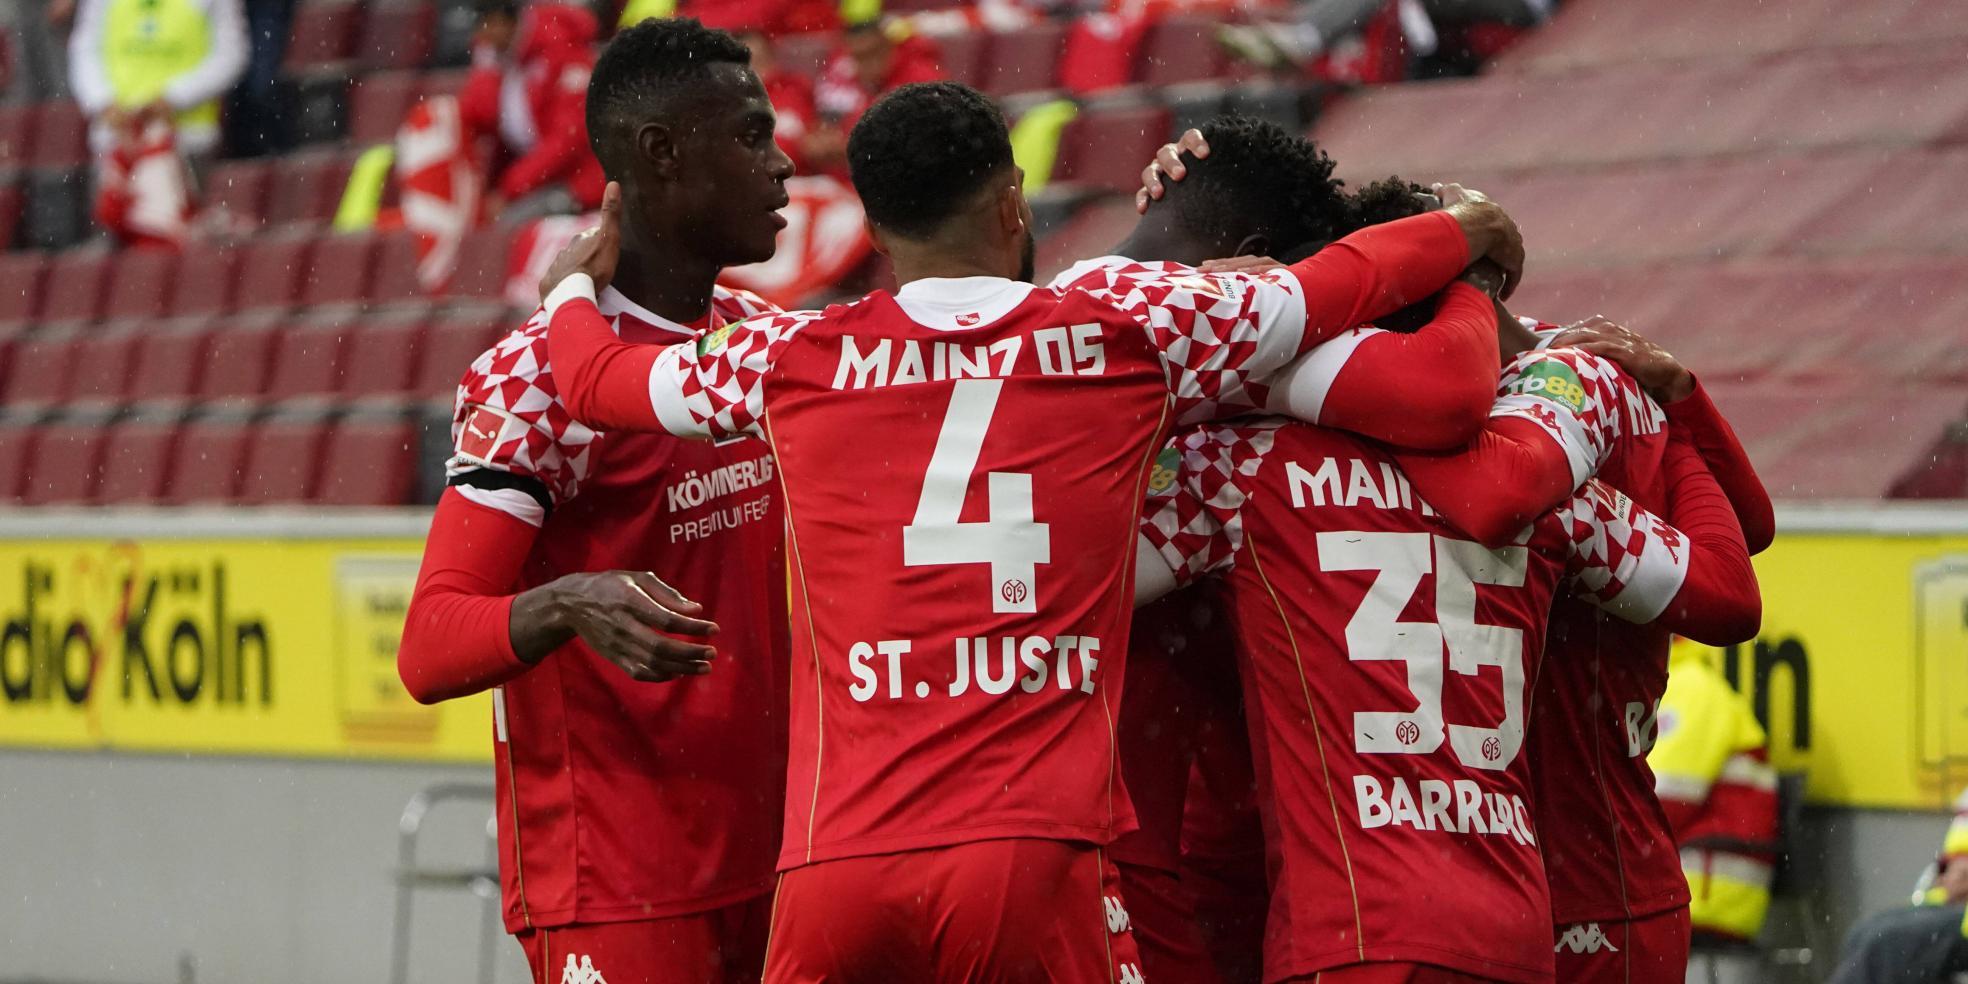 Der 1. FSV Mainz 05 ist in der Erfolgsspur